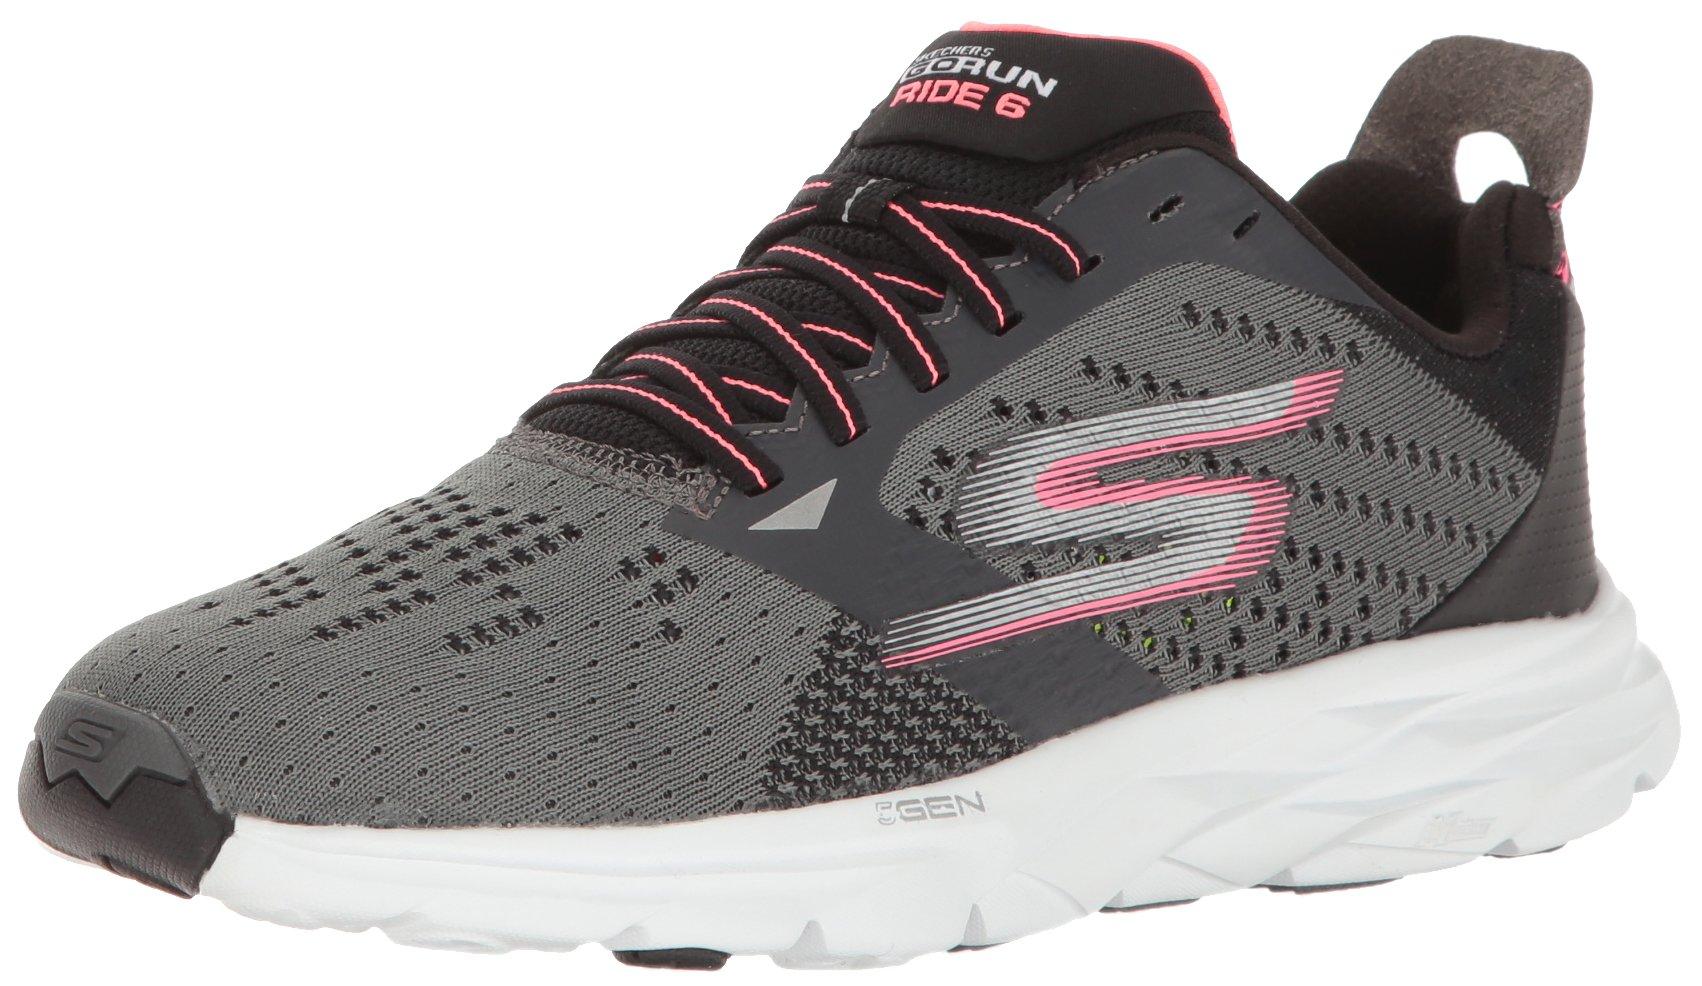 f334f65c21 Galleon - Skechers Performance Women s Go Run Ride 6 Running Shoe ...